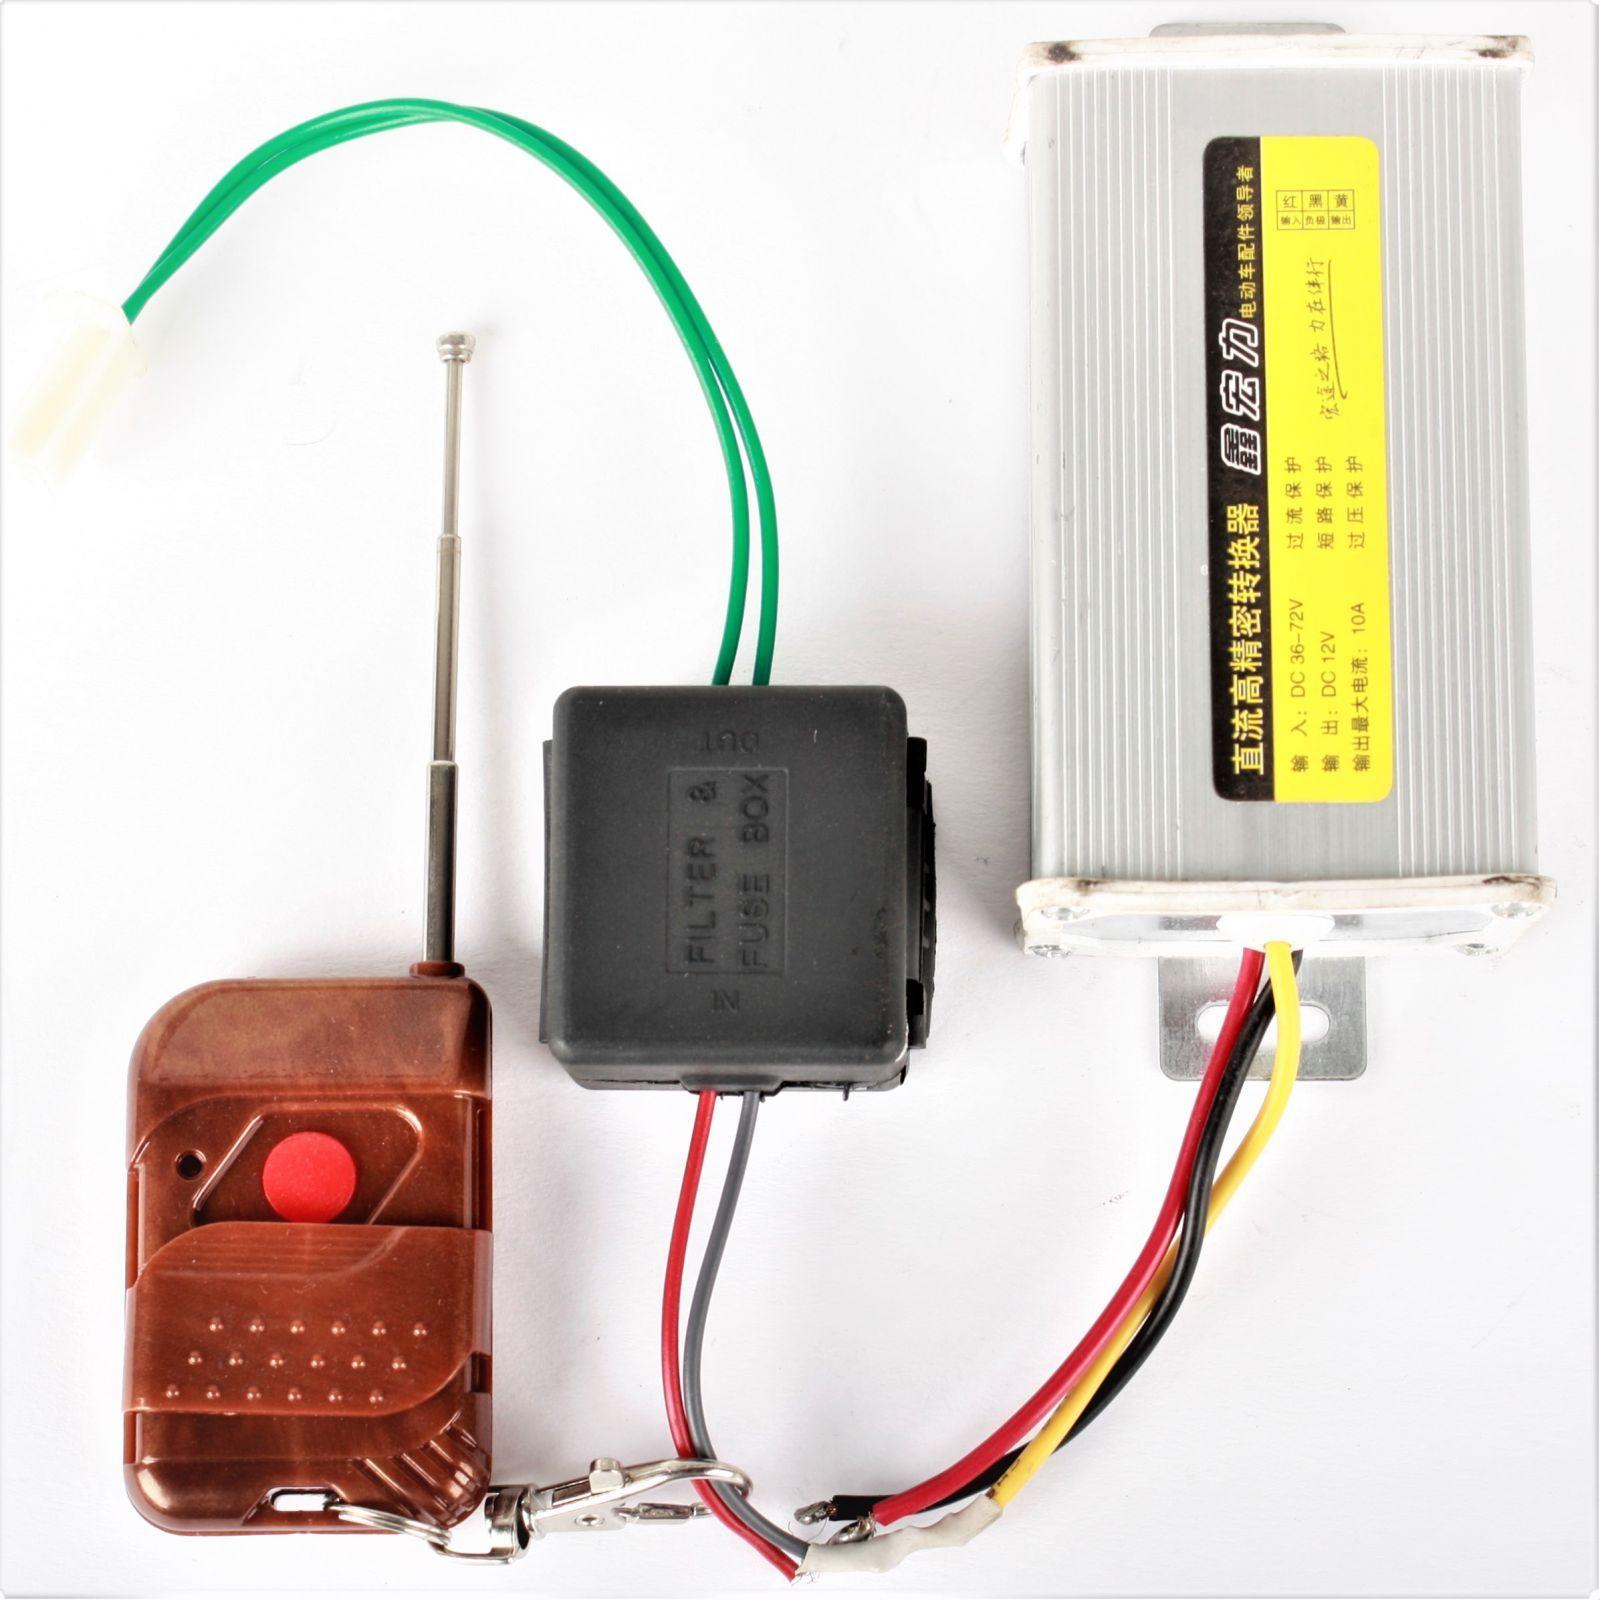 elektro-kolobezka-nahradni-dily